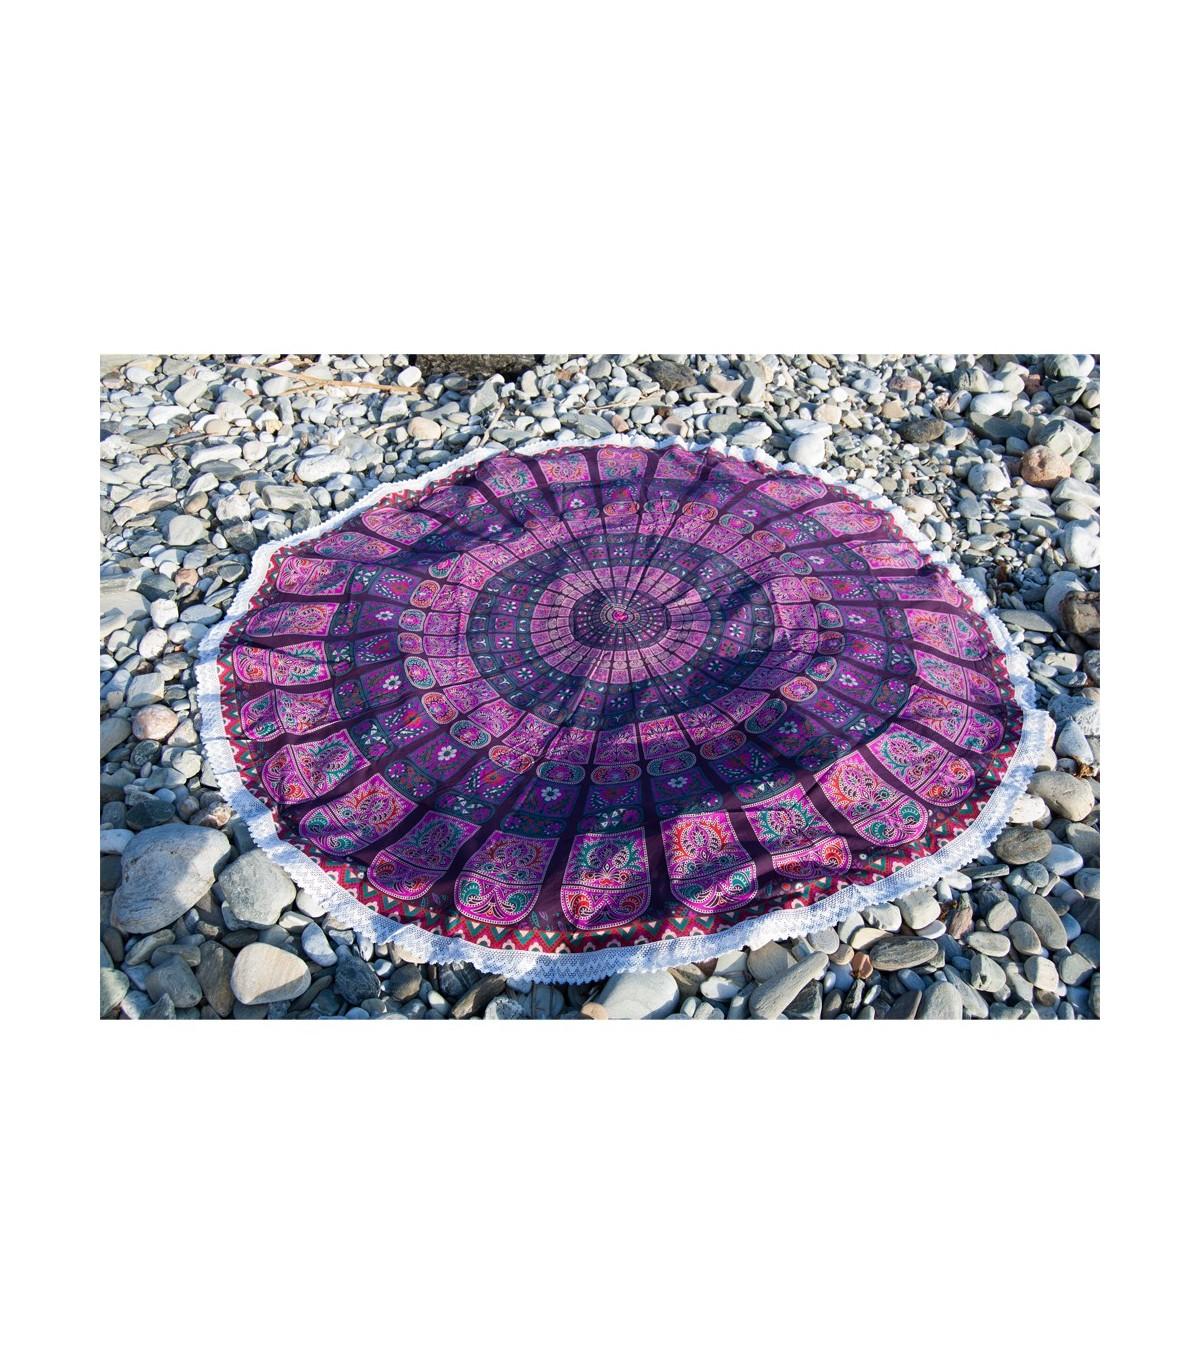 serviette en tissu inde rond coton nappe design floral 2 m. Black Bedroom Furniture Sets. Home Design Ideas